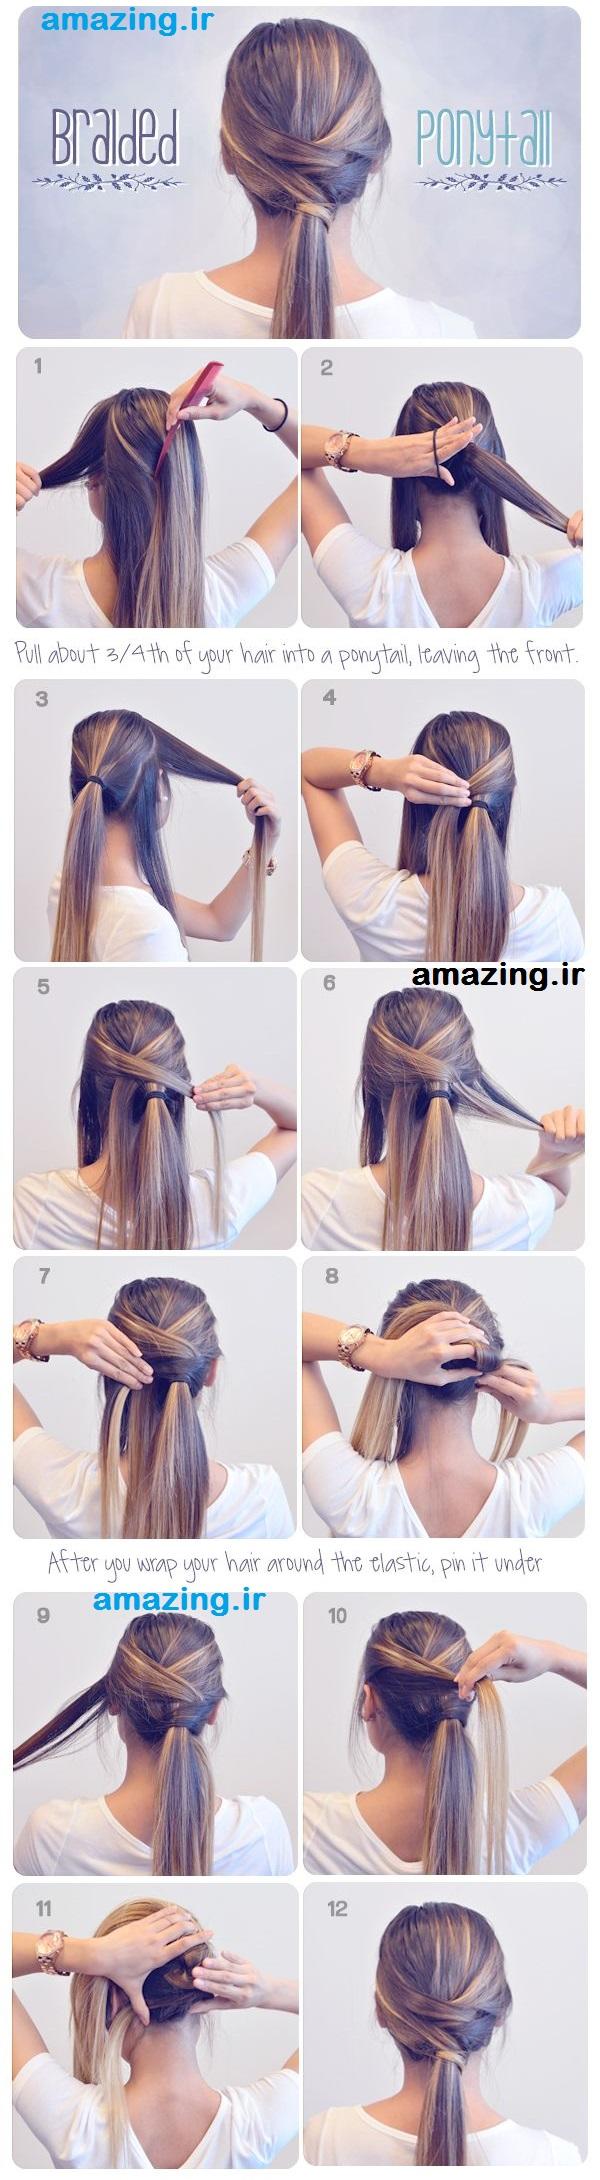 آموزش تصویری بافت مو ,بافتن مو , مدل بافت مو